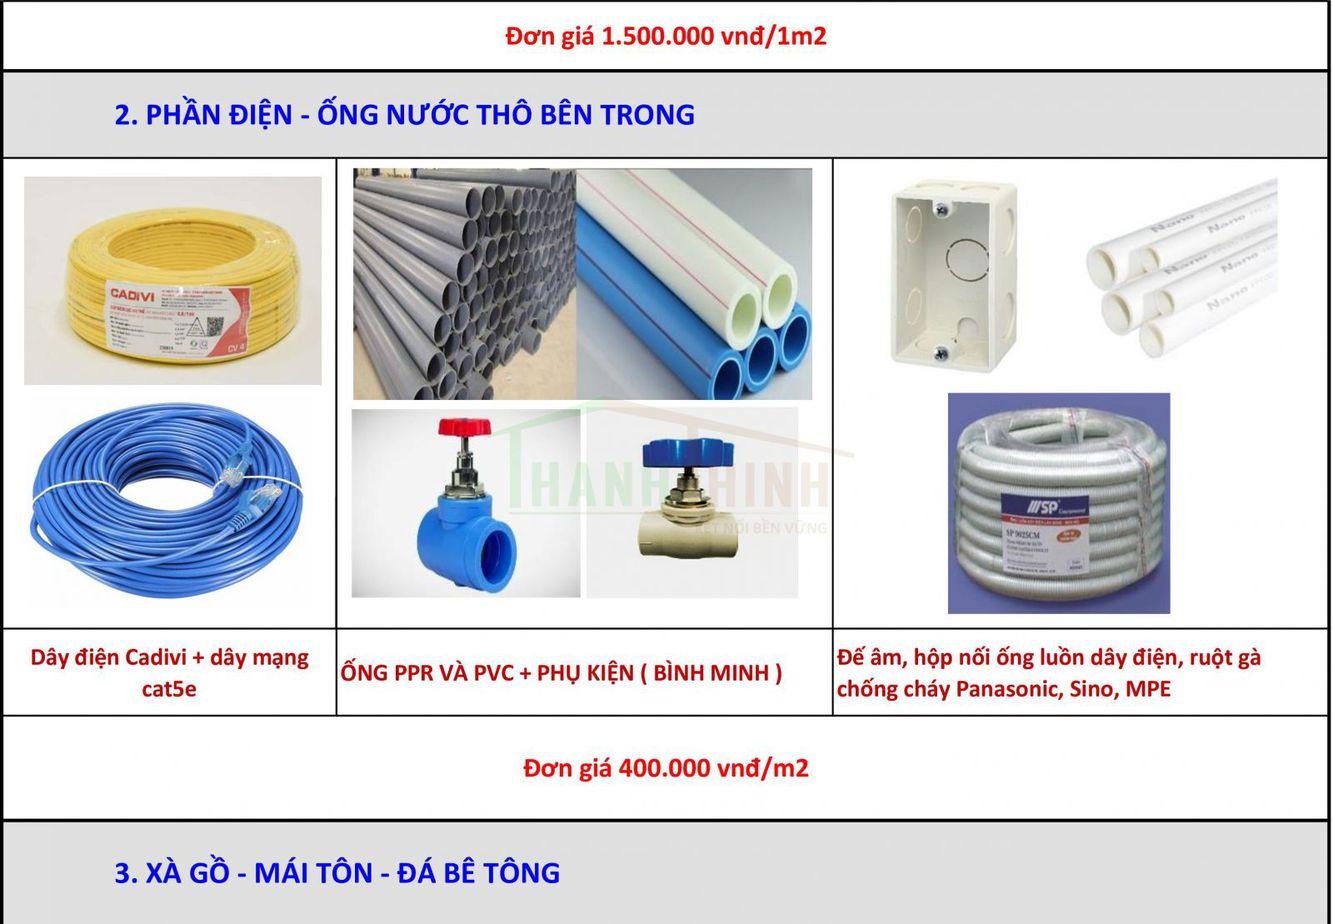 Bảng thống kê vật tư ống nước, dây điện, vòi nước sửa chữa, hoàn thiện nhà tại tphcm